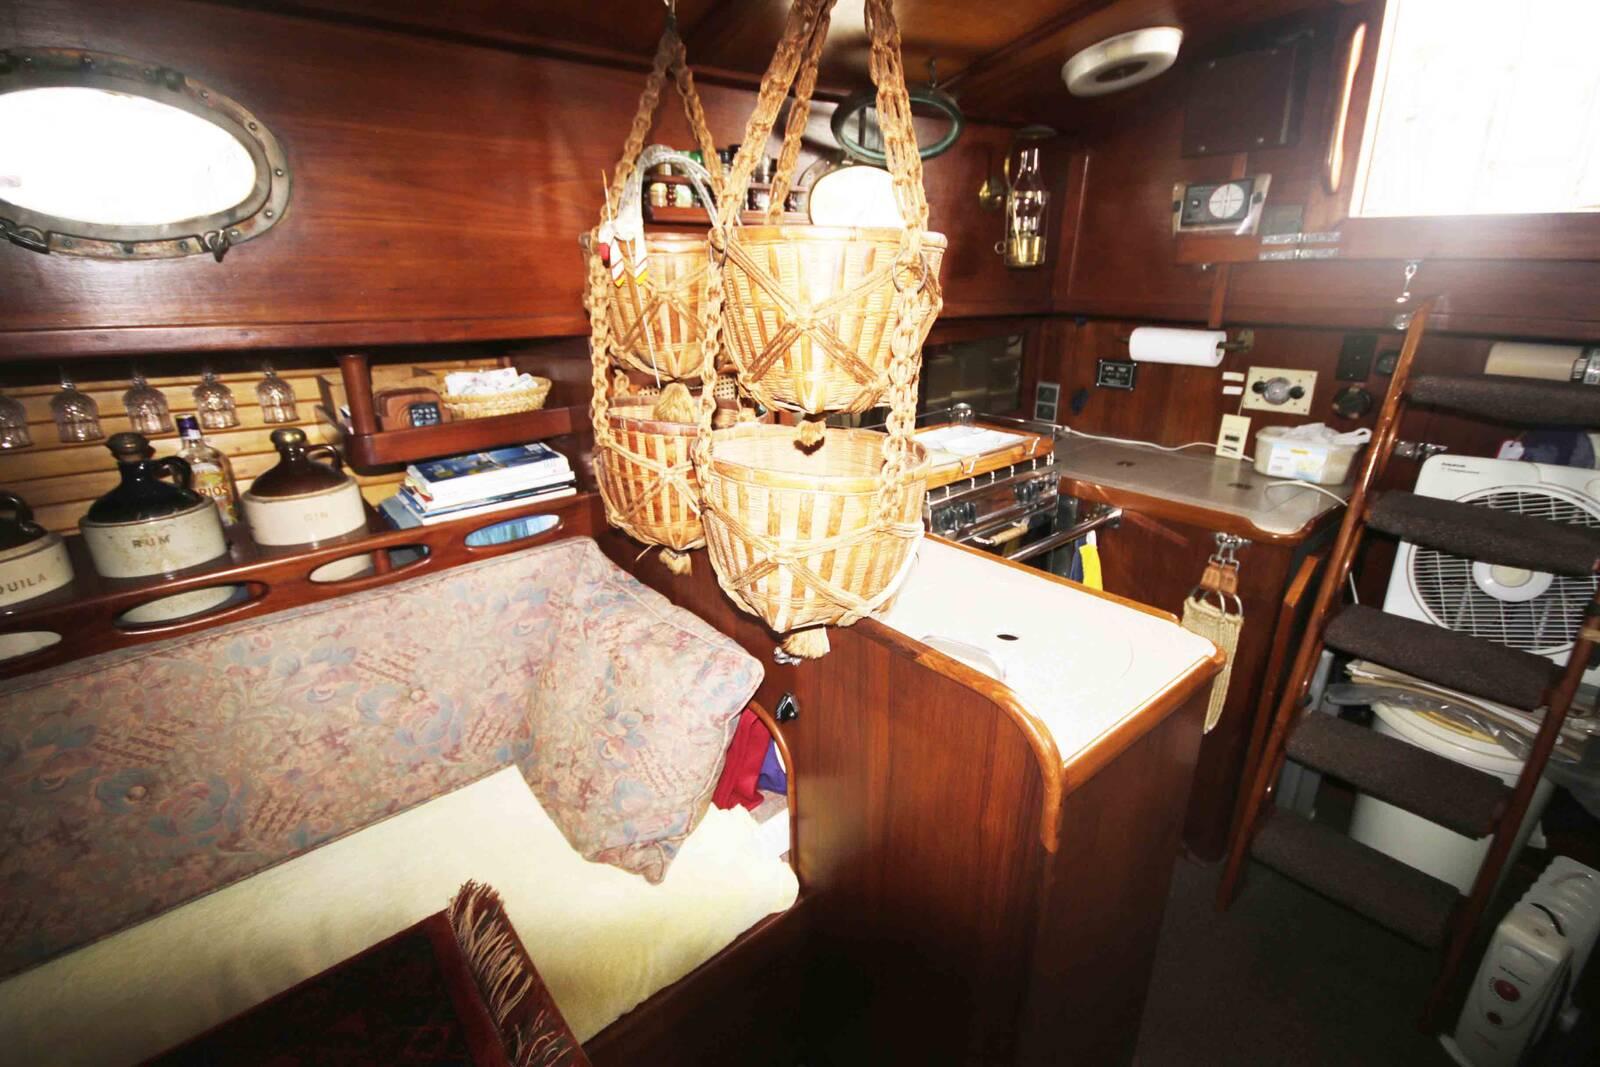 Alajuela 38 Sailing boat long keel boat galey baskets